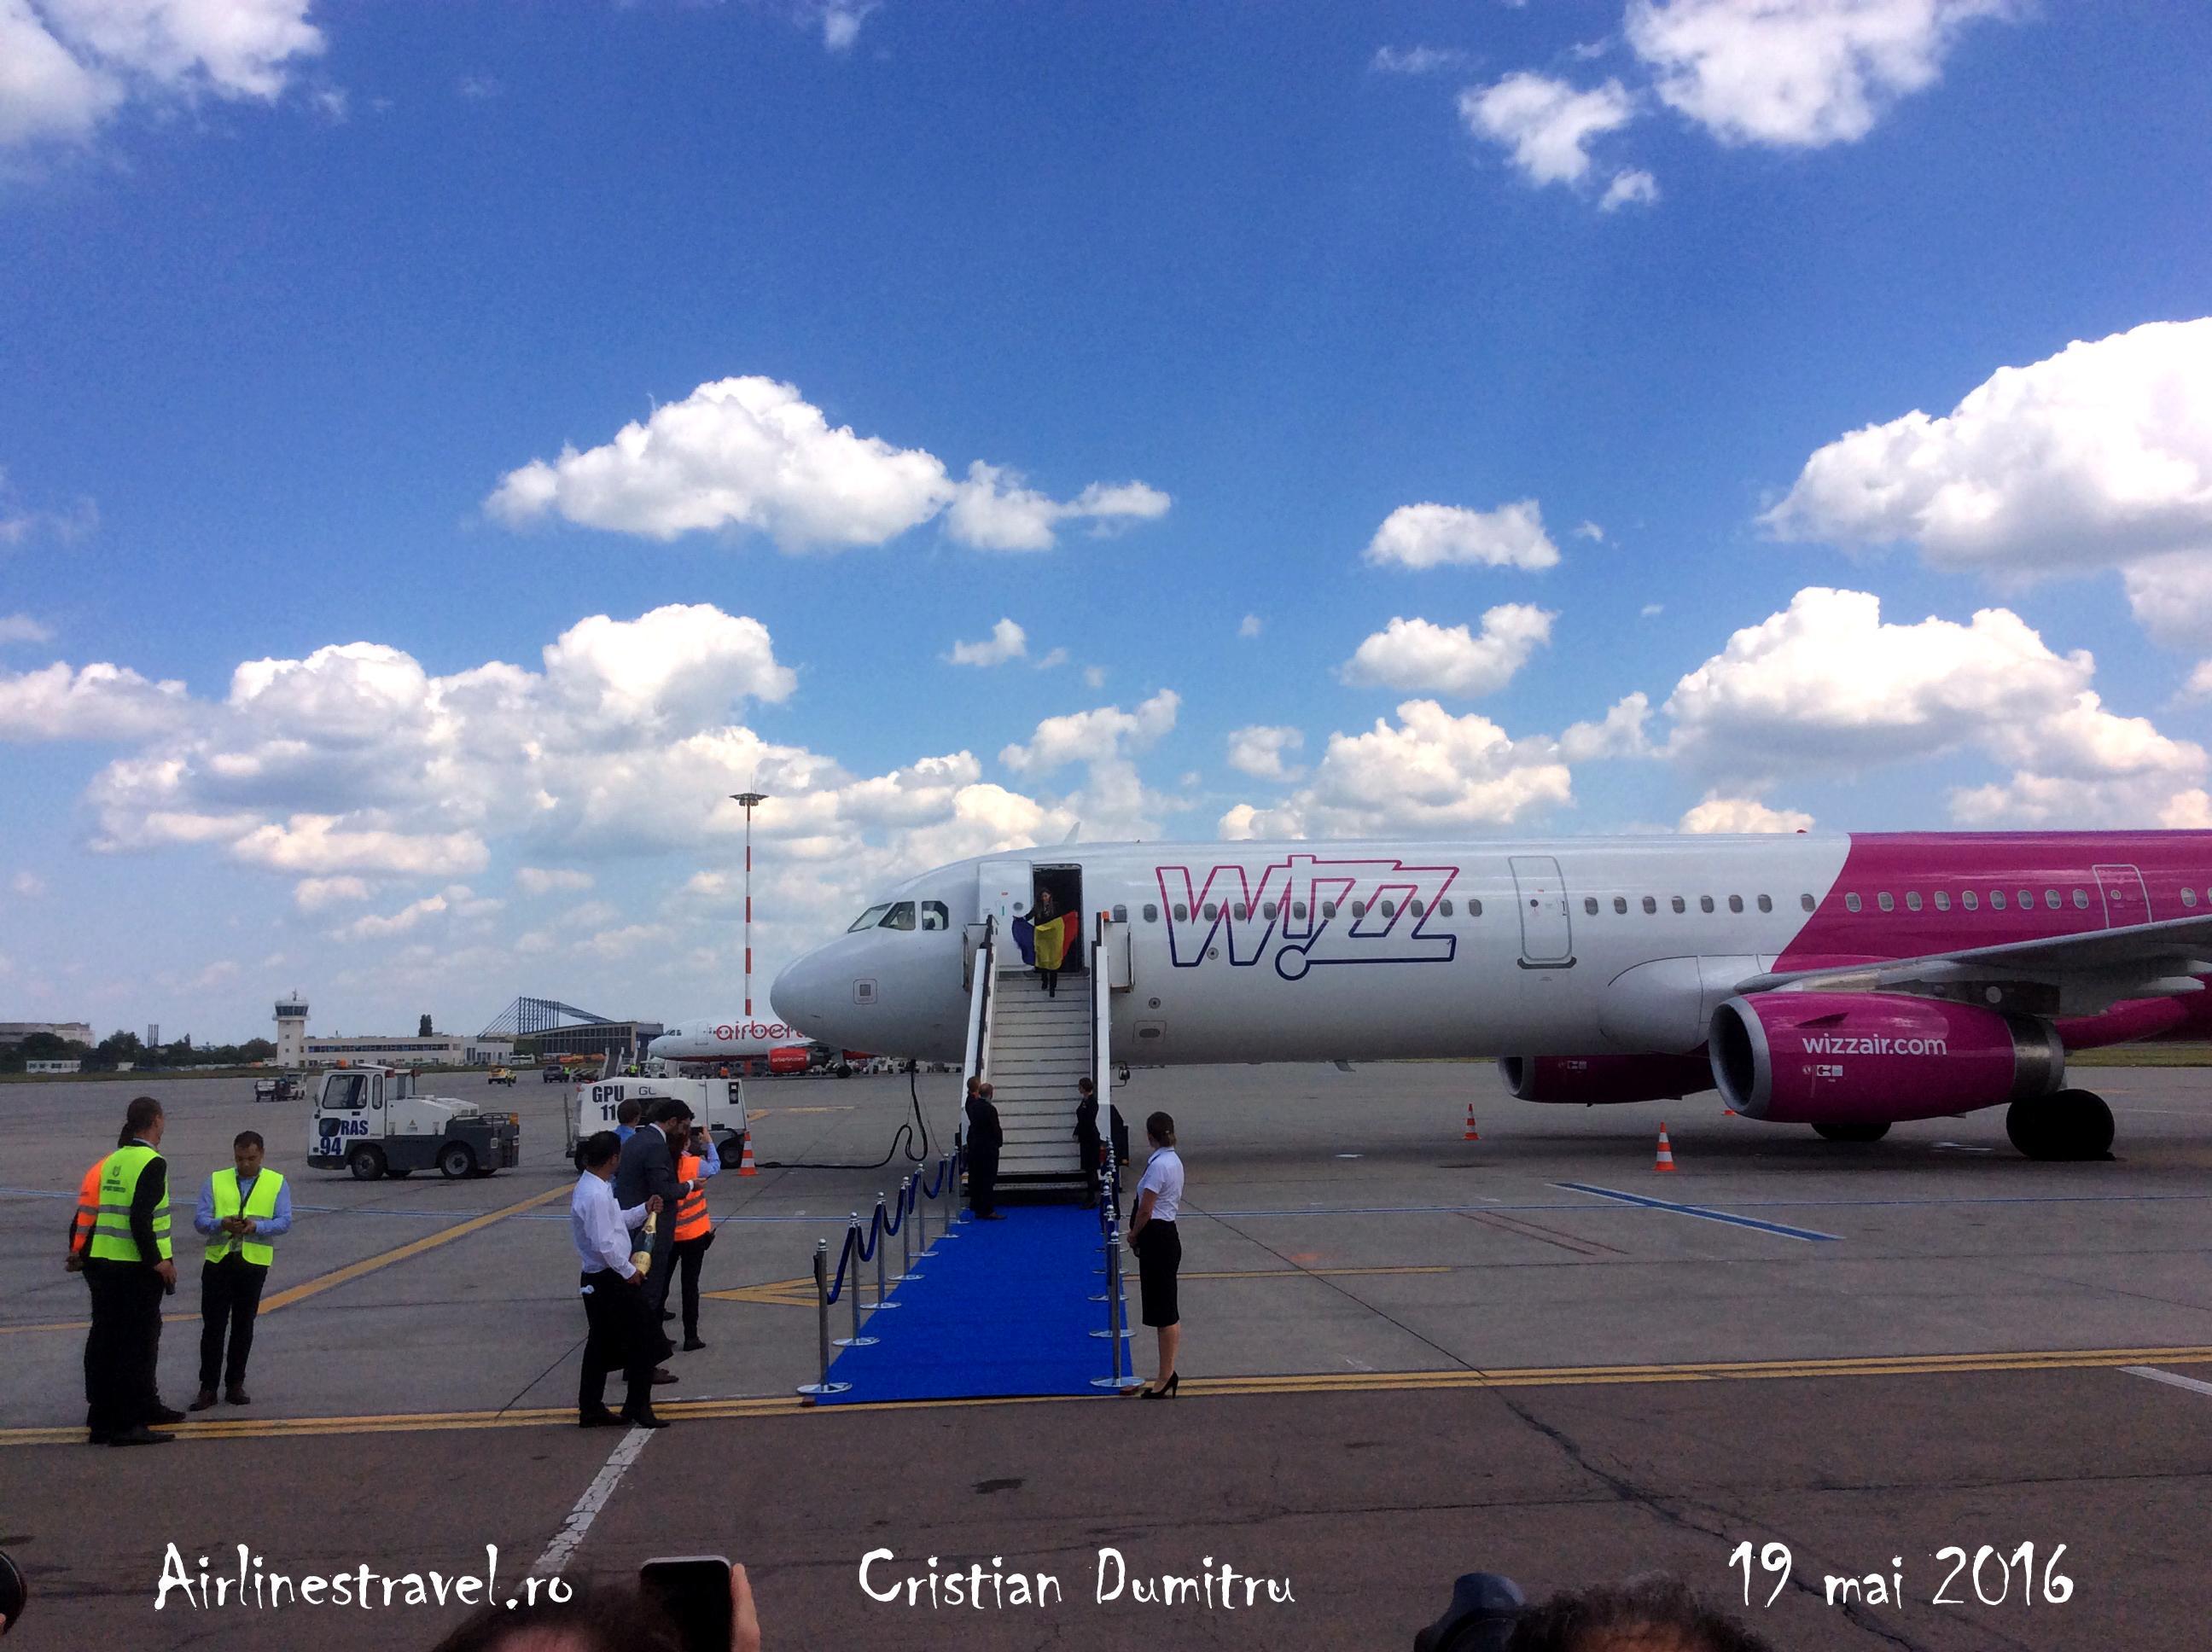 [Oferta Wizz Air] 30% reducere la toate biletele de avion